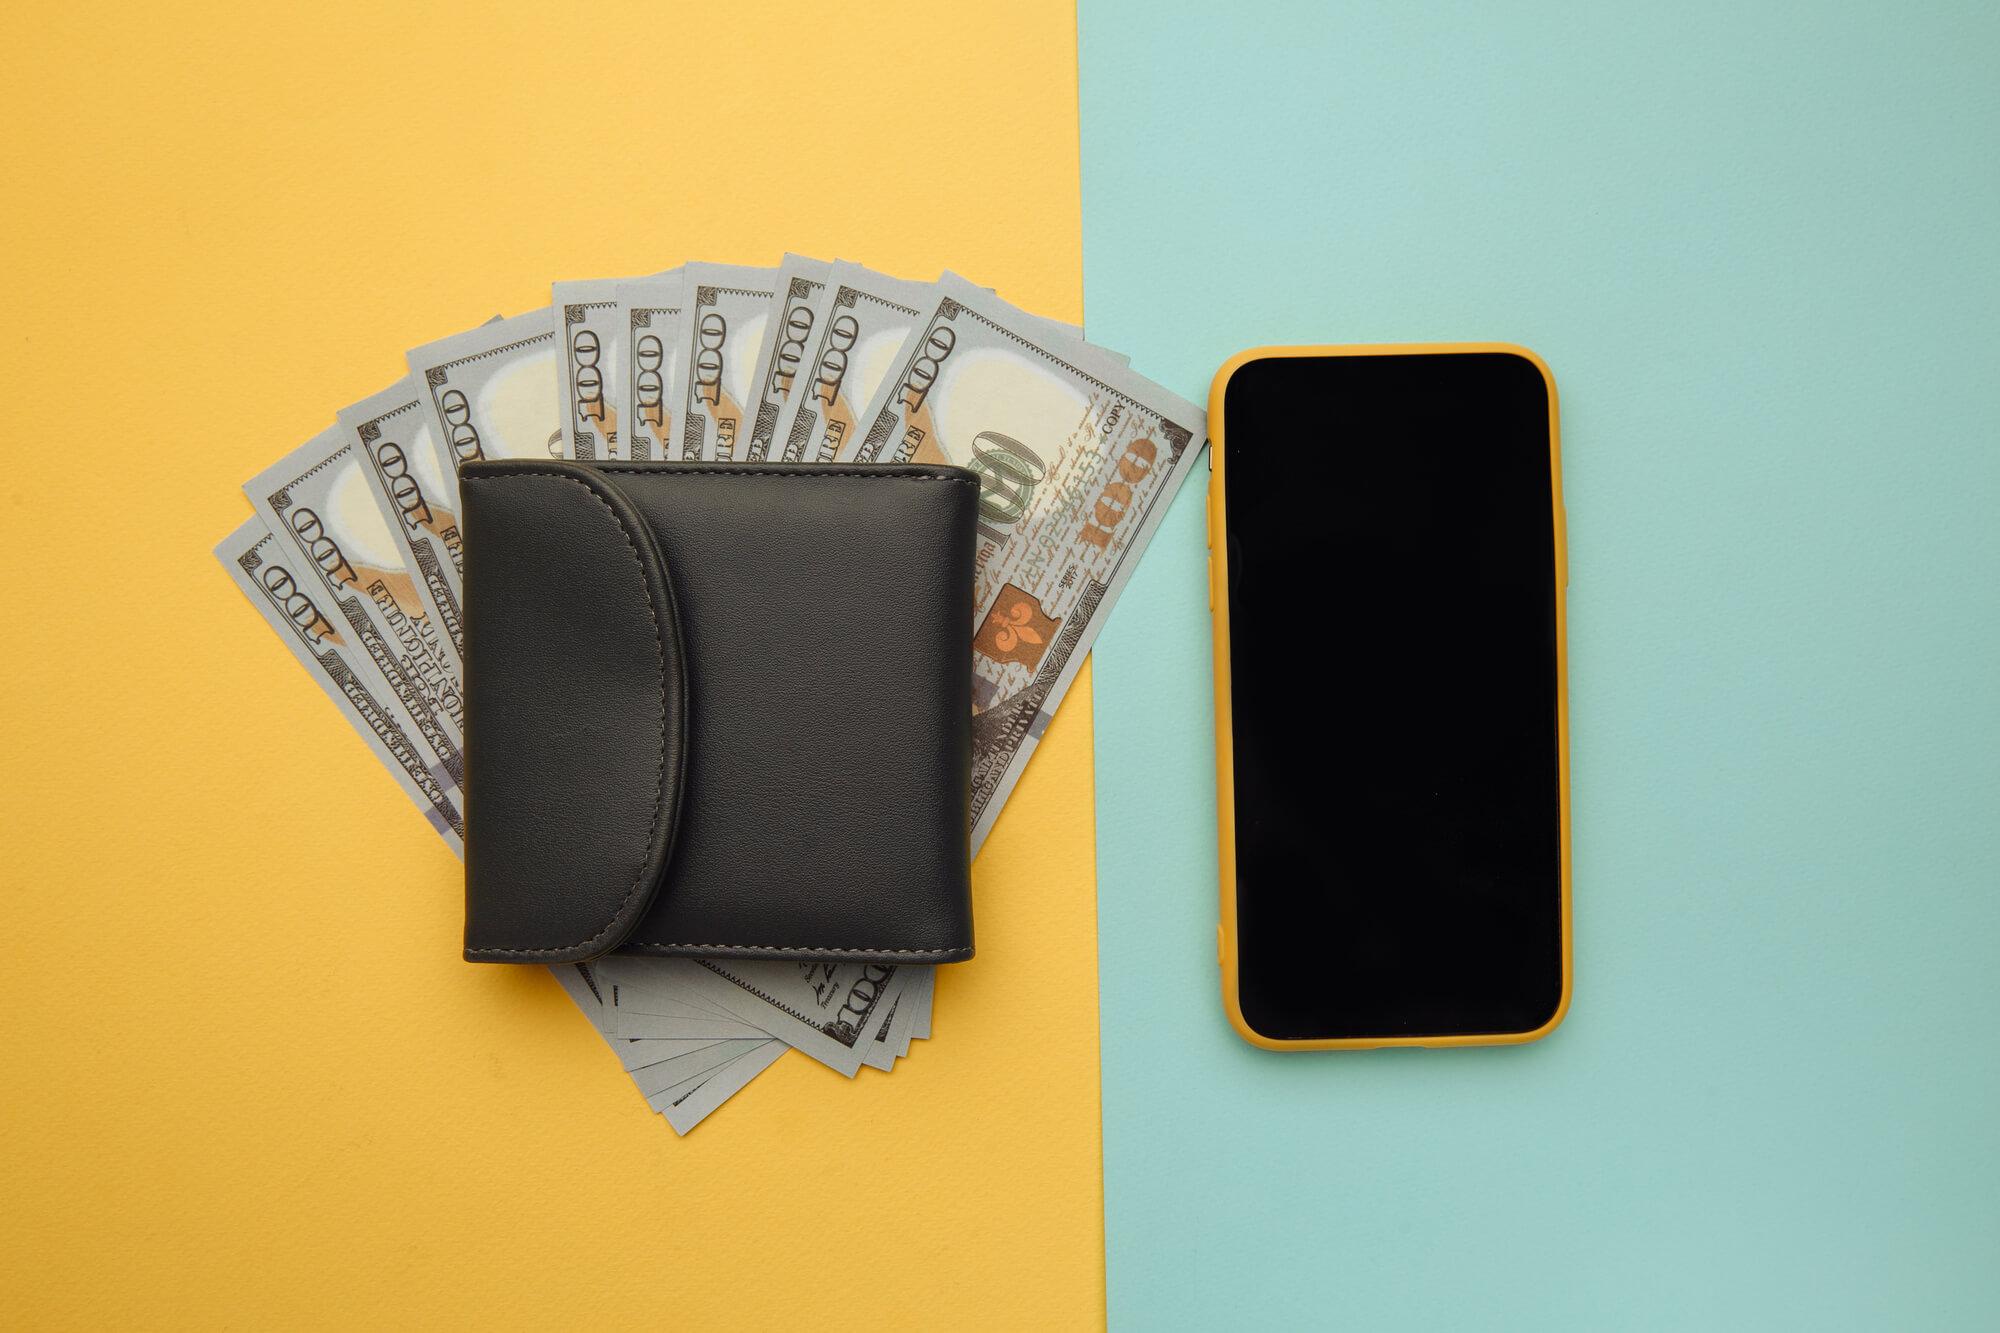 Карты, деньги, телефон в путешествиях